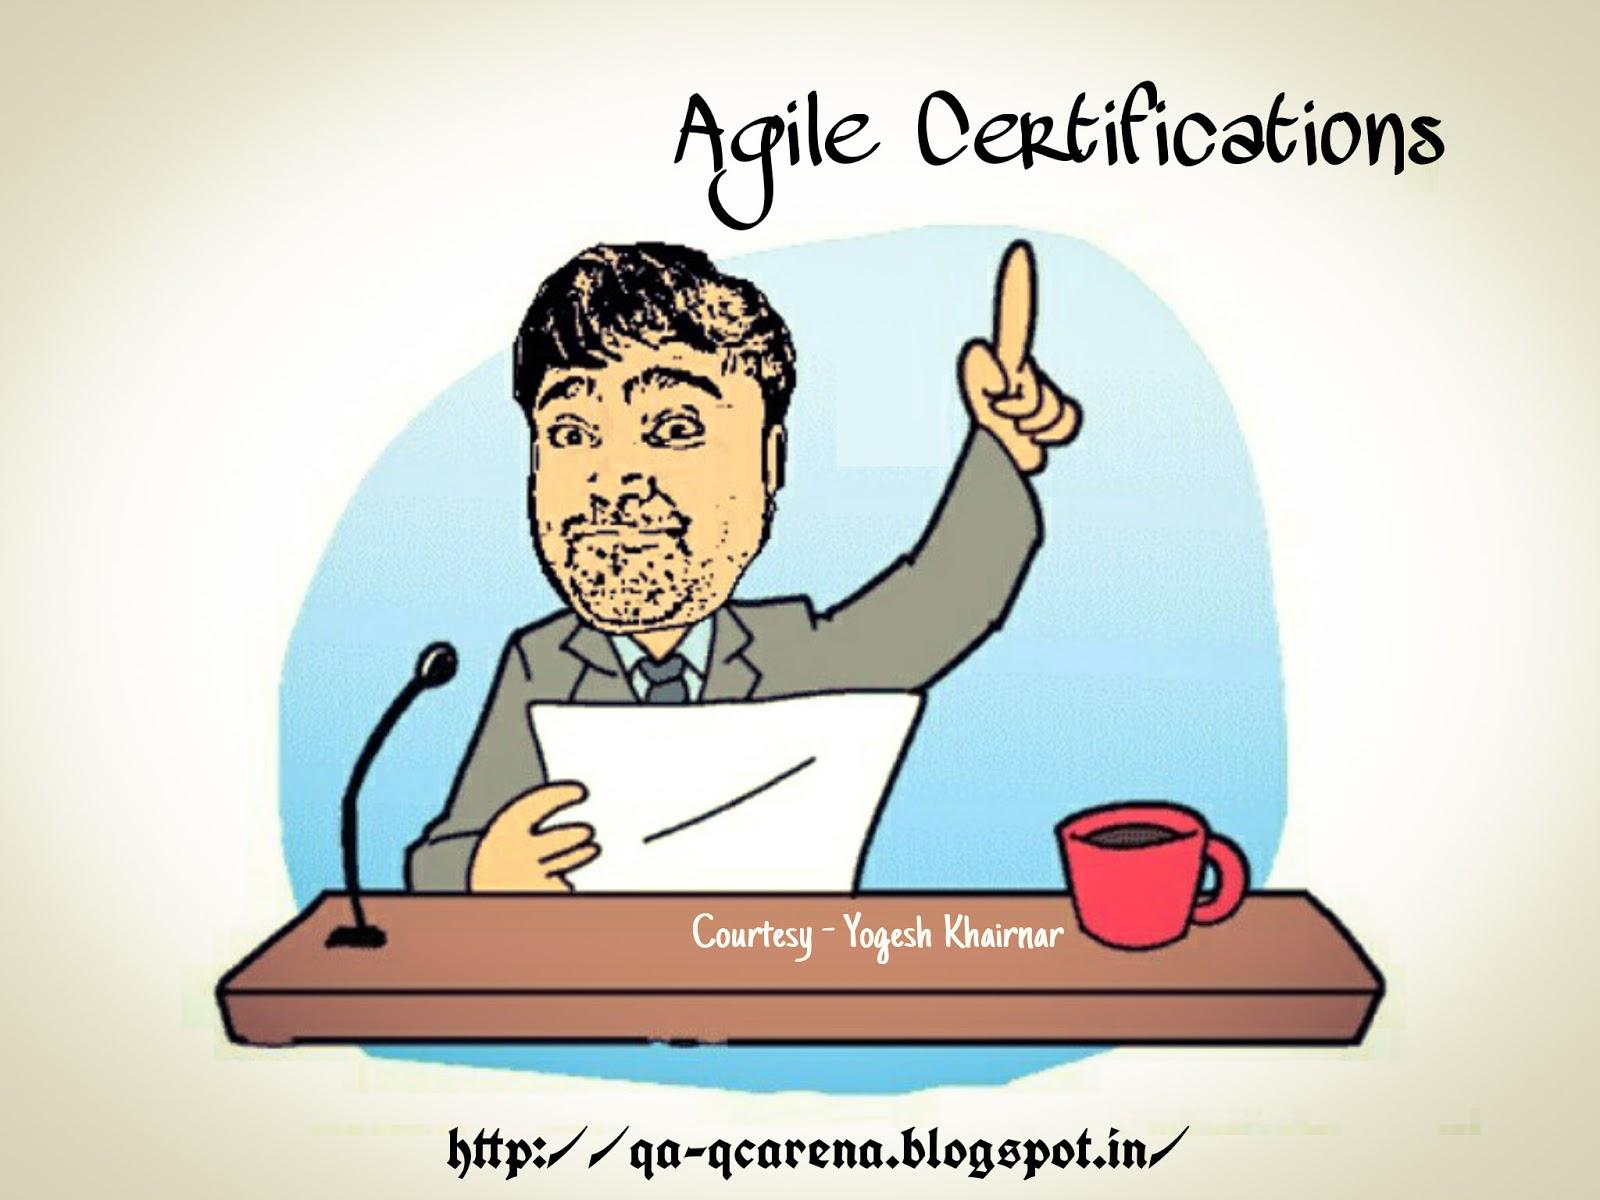 Qa Qc Arena Agile Certifications